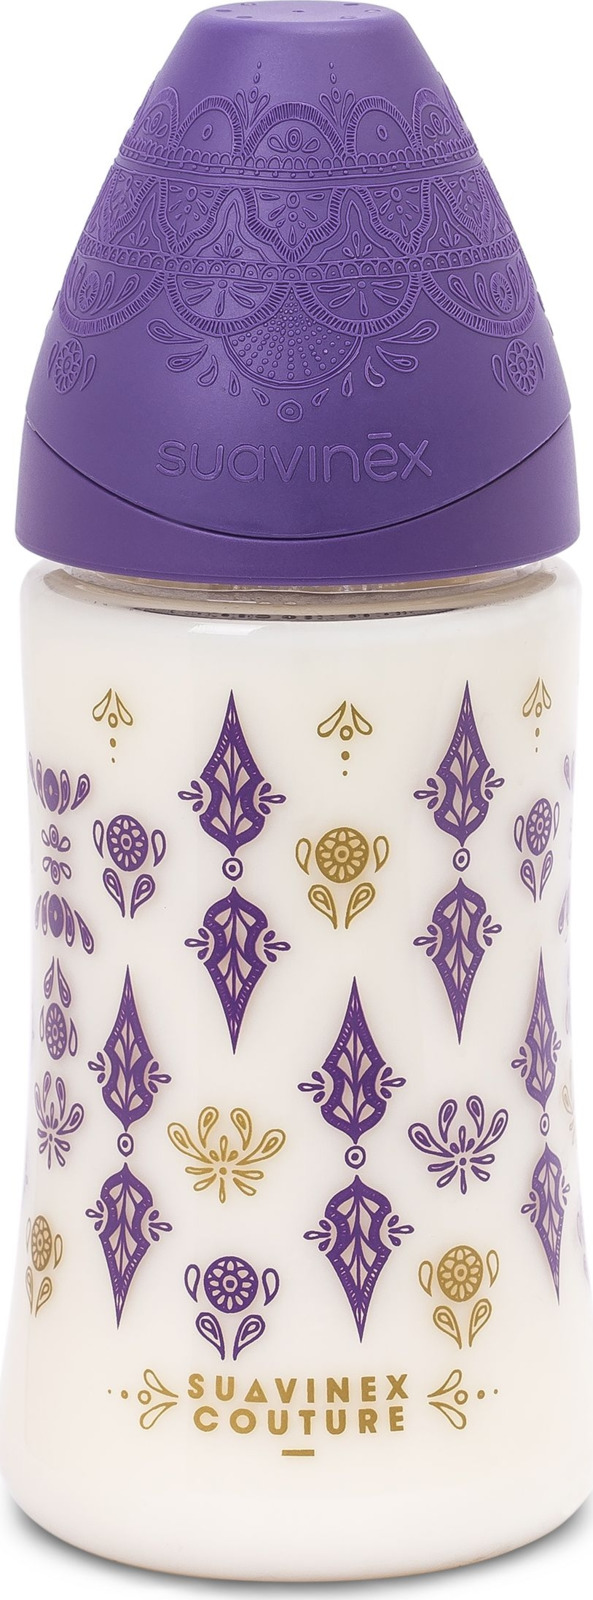 Бутылочка для кормления Suavinex Haute Couture, от 0 месяцев, с силиконовой круглой соской, 3162102, фиолетовый, 270 мл mepsi бутылочка для кормления с силиконовой соской от 0 месяцев цвет синий 250 мл